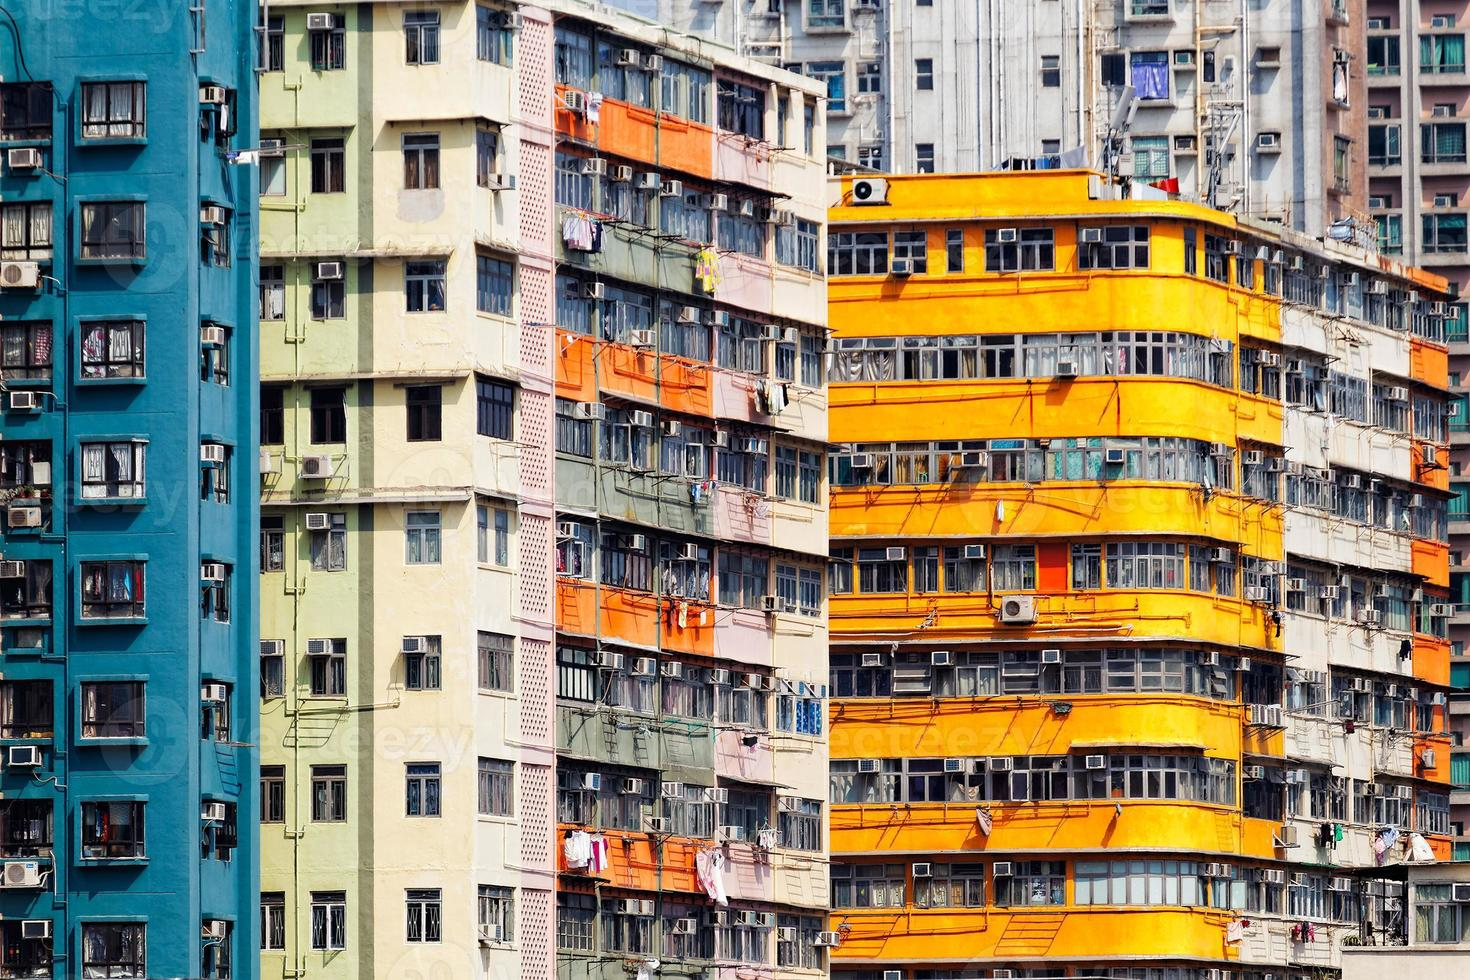 vecchi appartamenti a Hong Kong foto